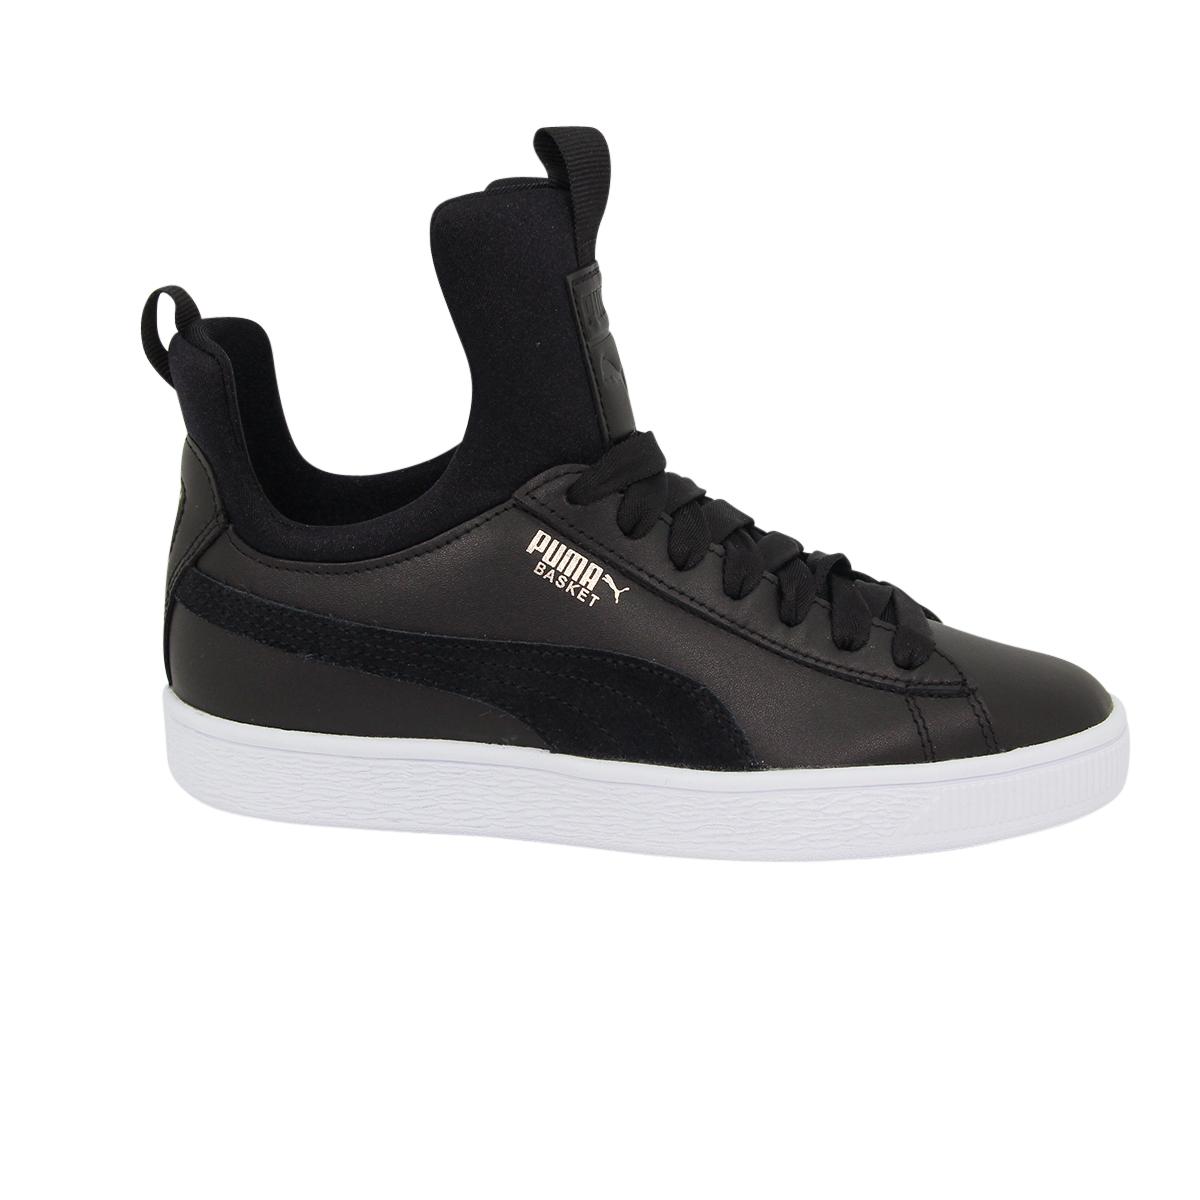 Puma W Basket fierce señora zapatillas zapatos zapatos zapatos nuevo  bajo precio